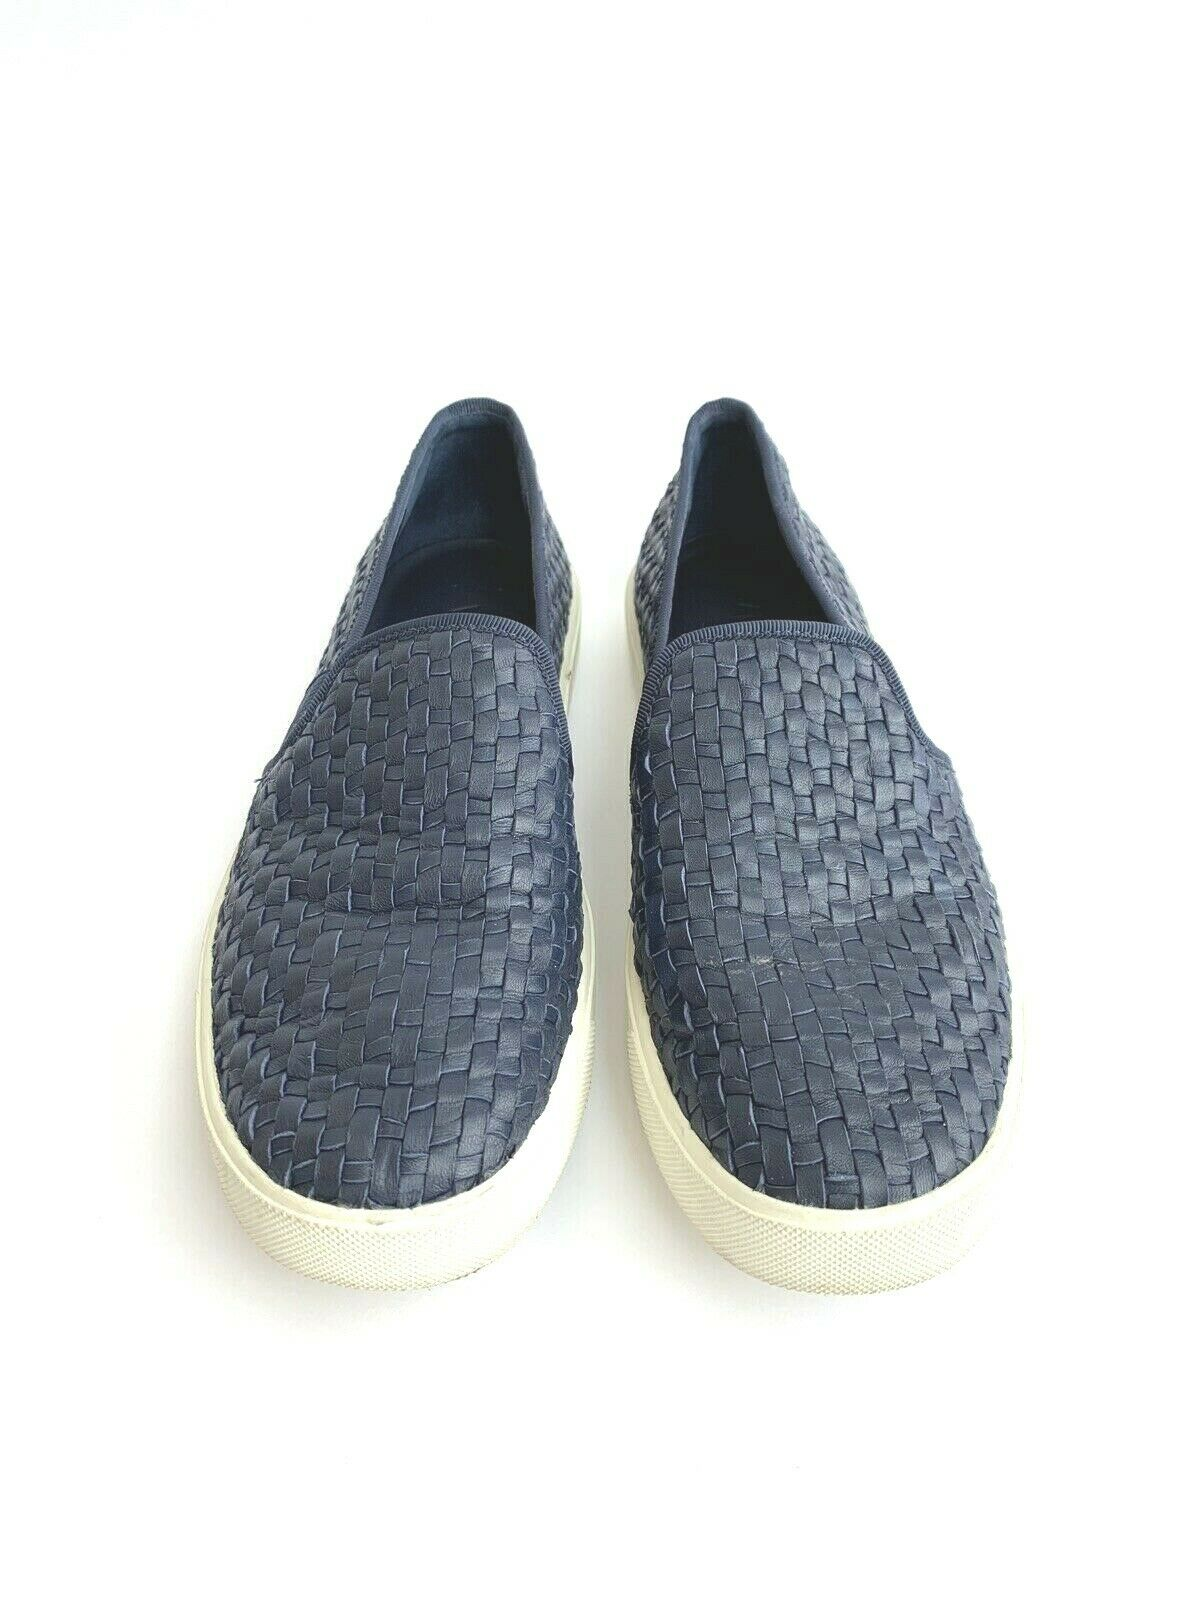 Vince Navy Women's Sneakers 5.5